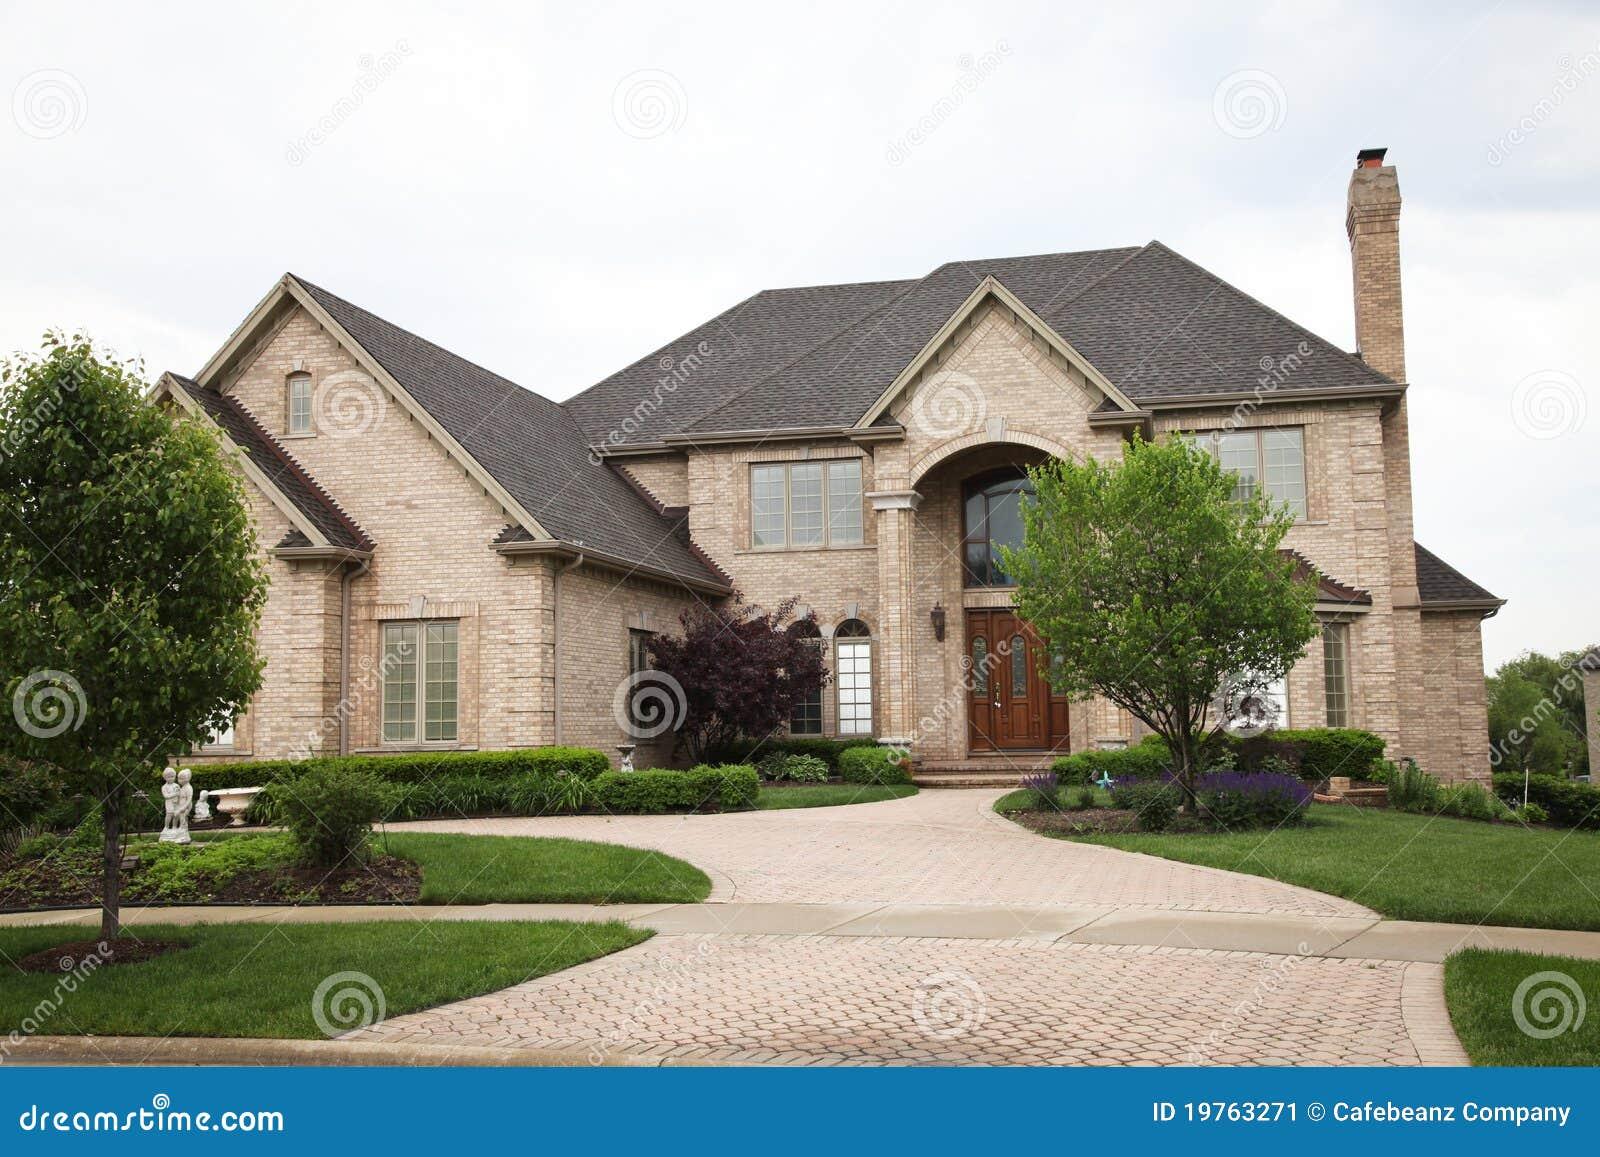 Luxury Brick House Stock Image Image 19763271